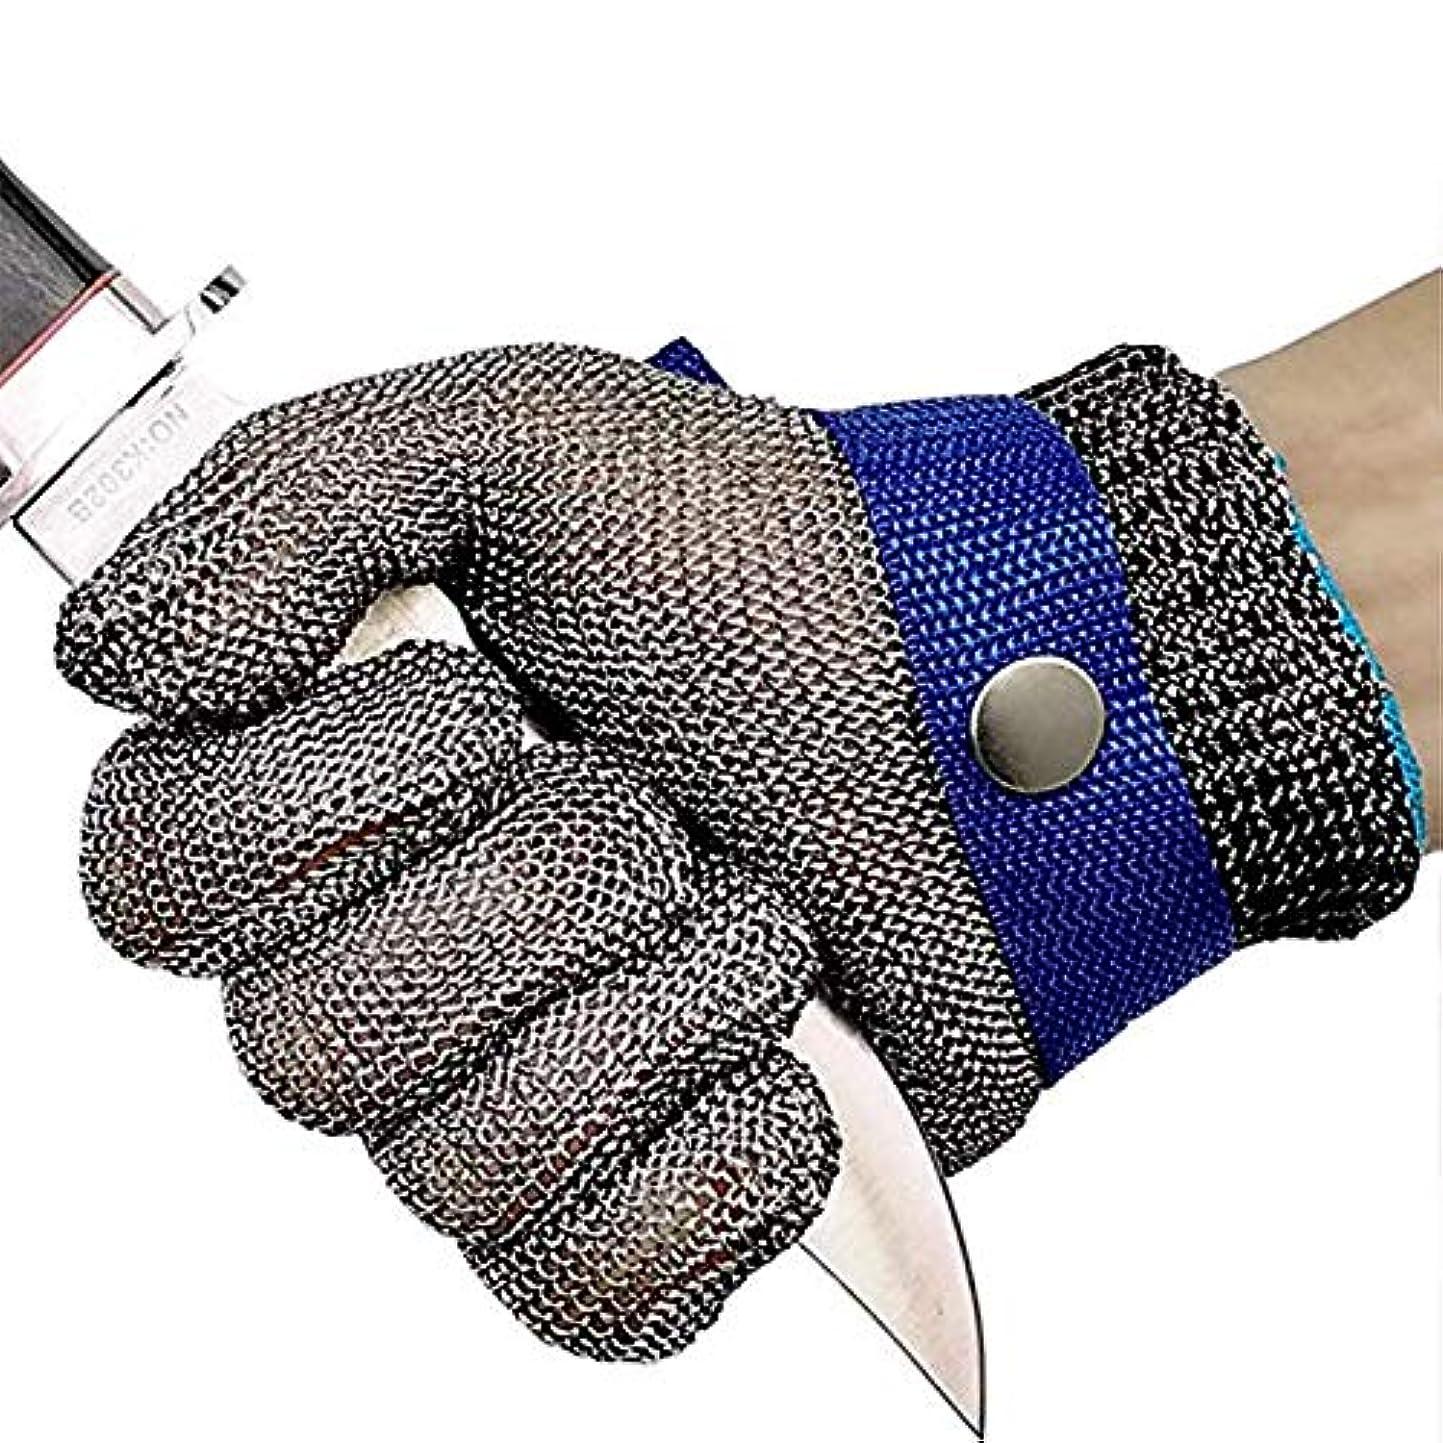 贅沢な立法反射切削用耐切断性手袋ステンレス鋼線メタルメッシュブッチャー安全作業手袋、スライスチョッピングとピーリング,L